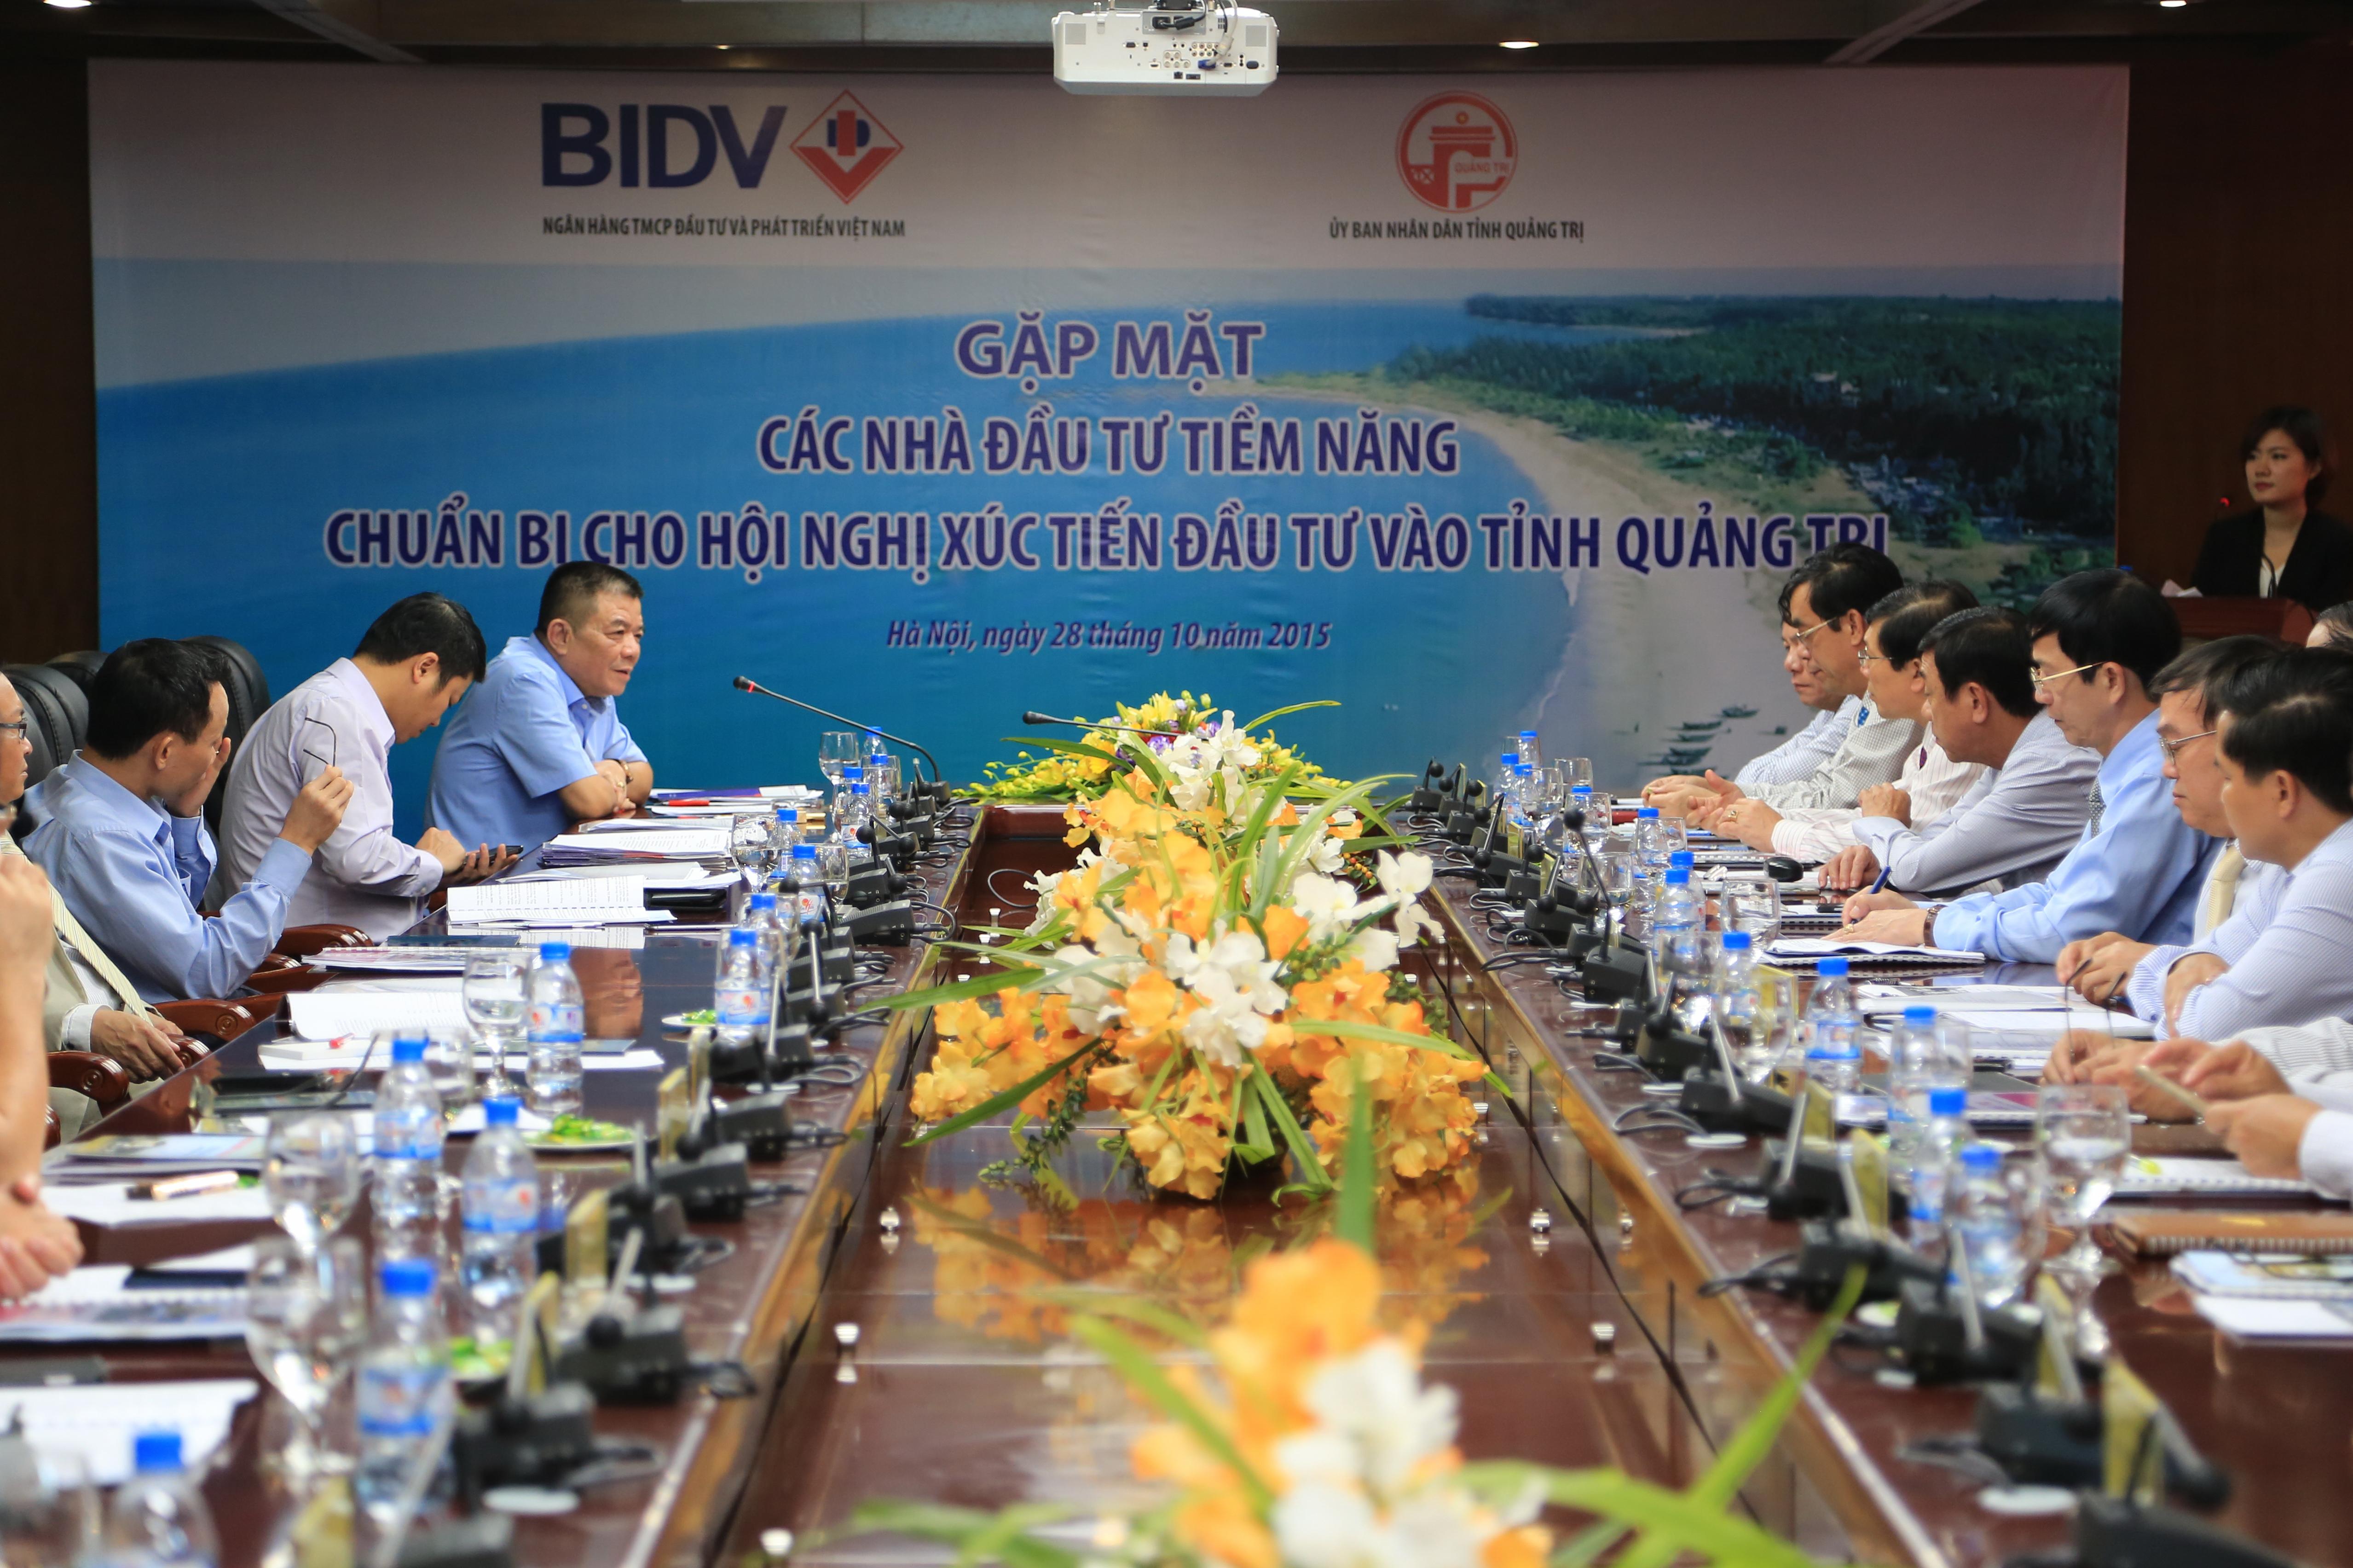 Chuẩn bị cho Hội nghị xúc tiến đầu tư vào tỉnh Quảng Trị